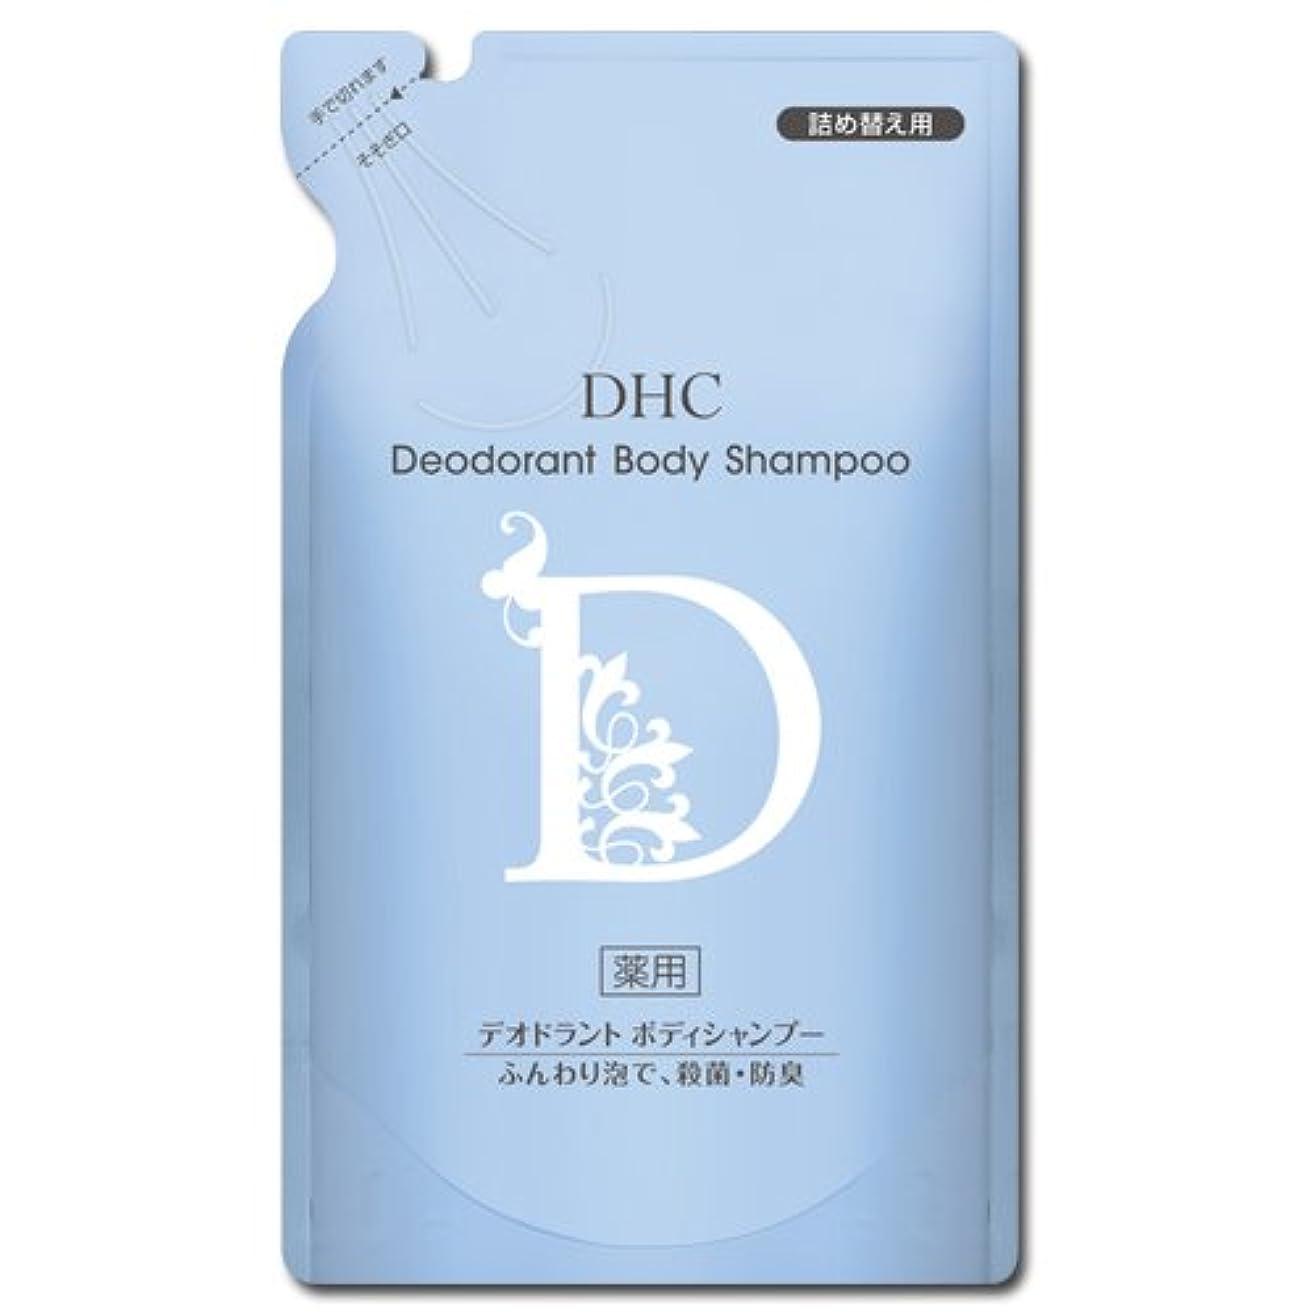 リッチによって八百屋【医薬部外品】DHC薬用デオドラント ボディシャンプー 詰め替え用